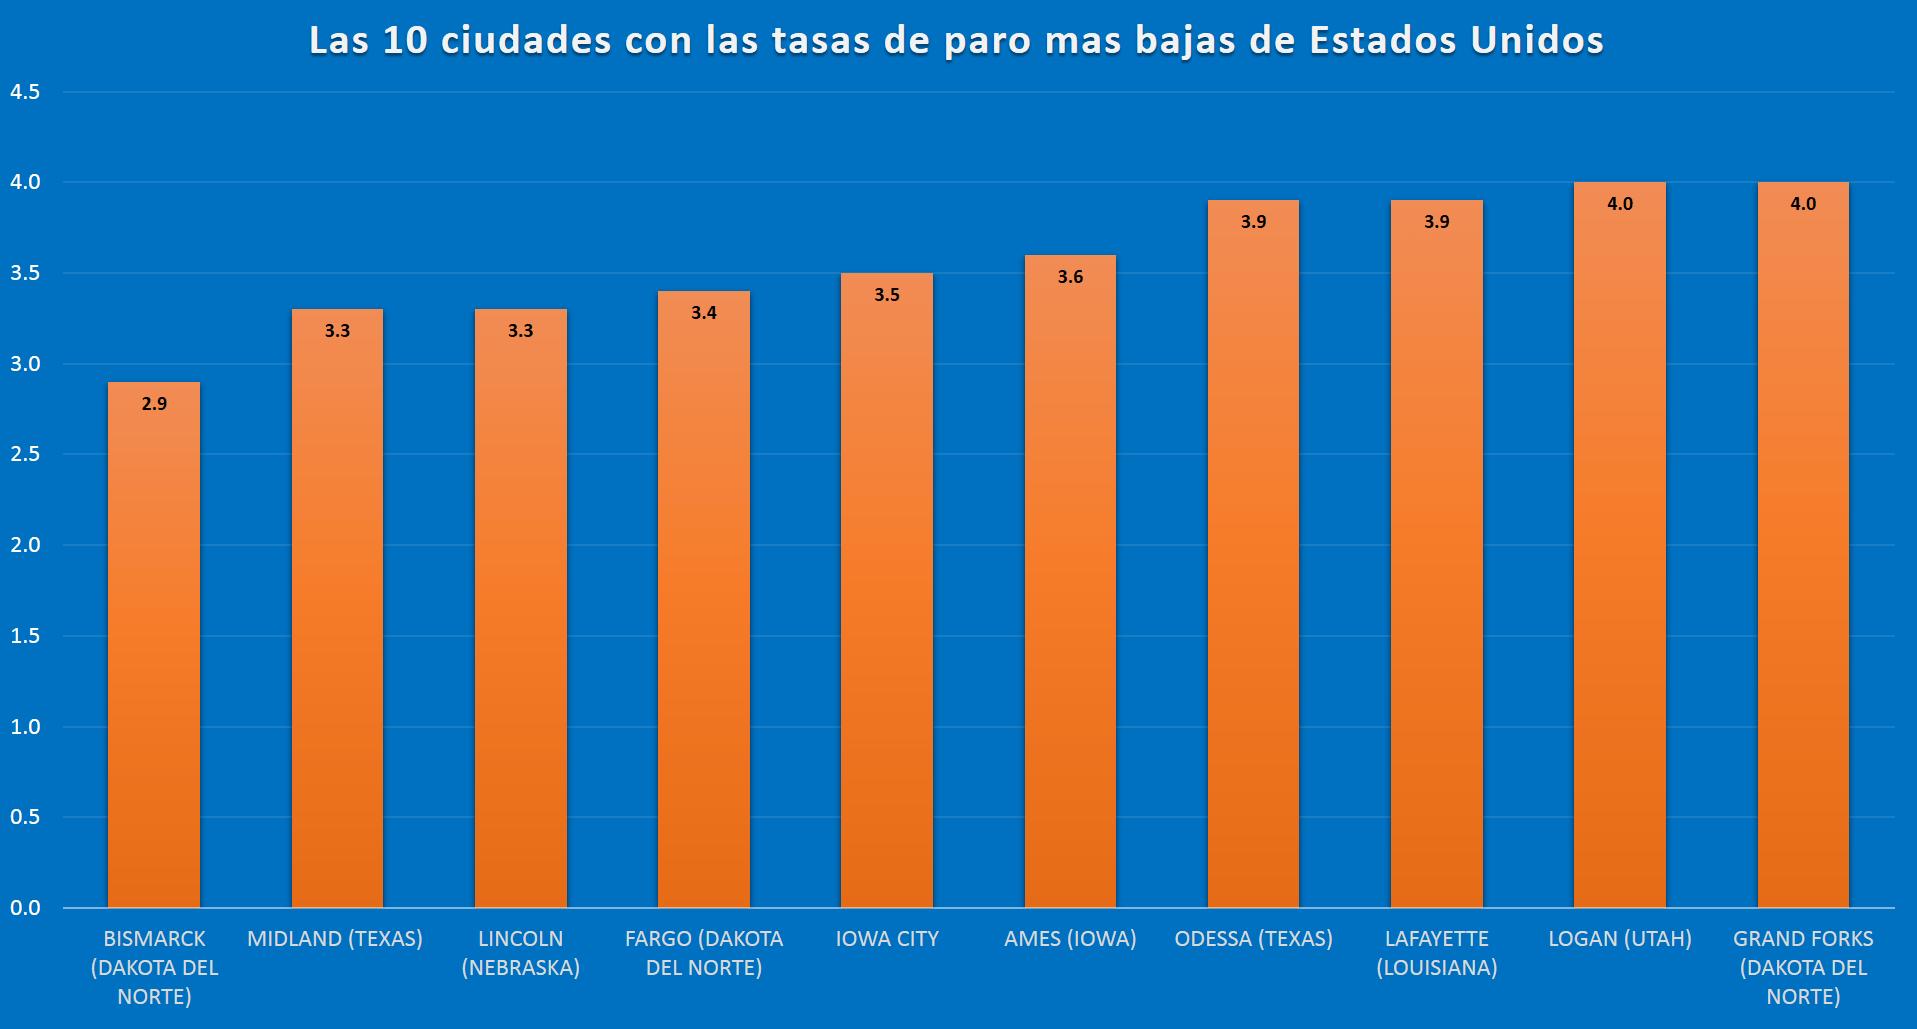 las ciudades de estados unidos con las tasas de paro mas bajas